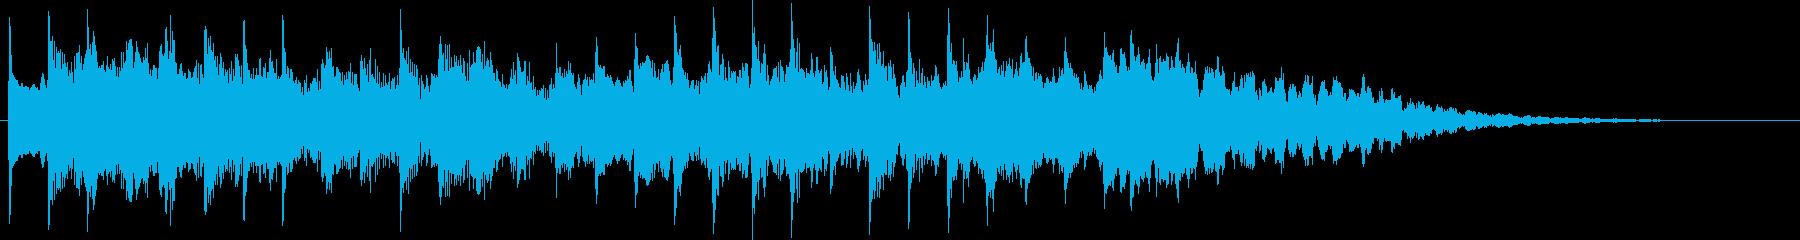 インフォメーションチャイム(ほのぼの)の再生済みの波形